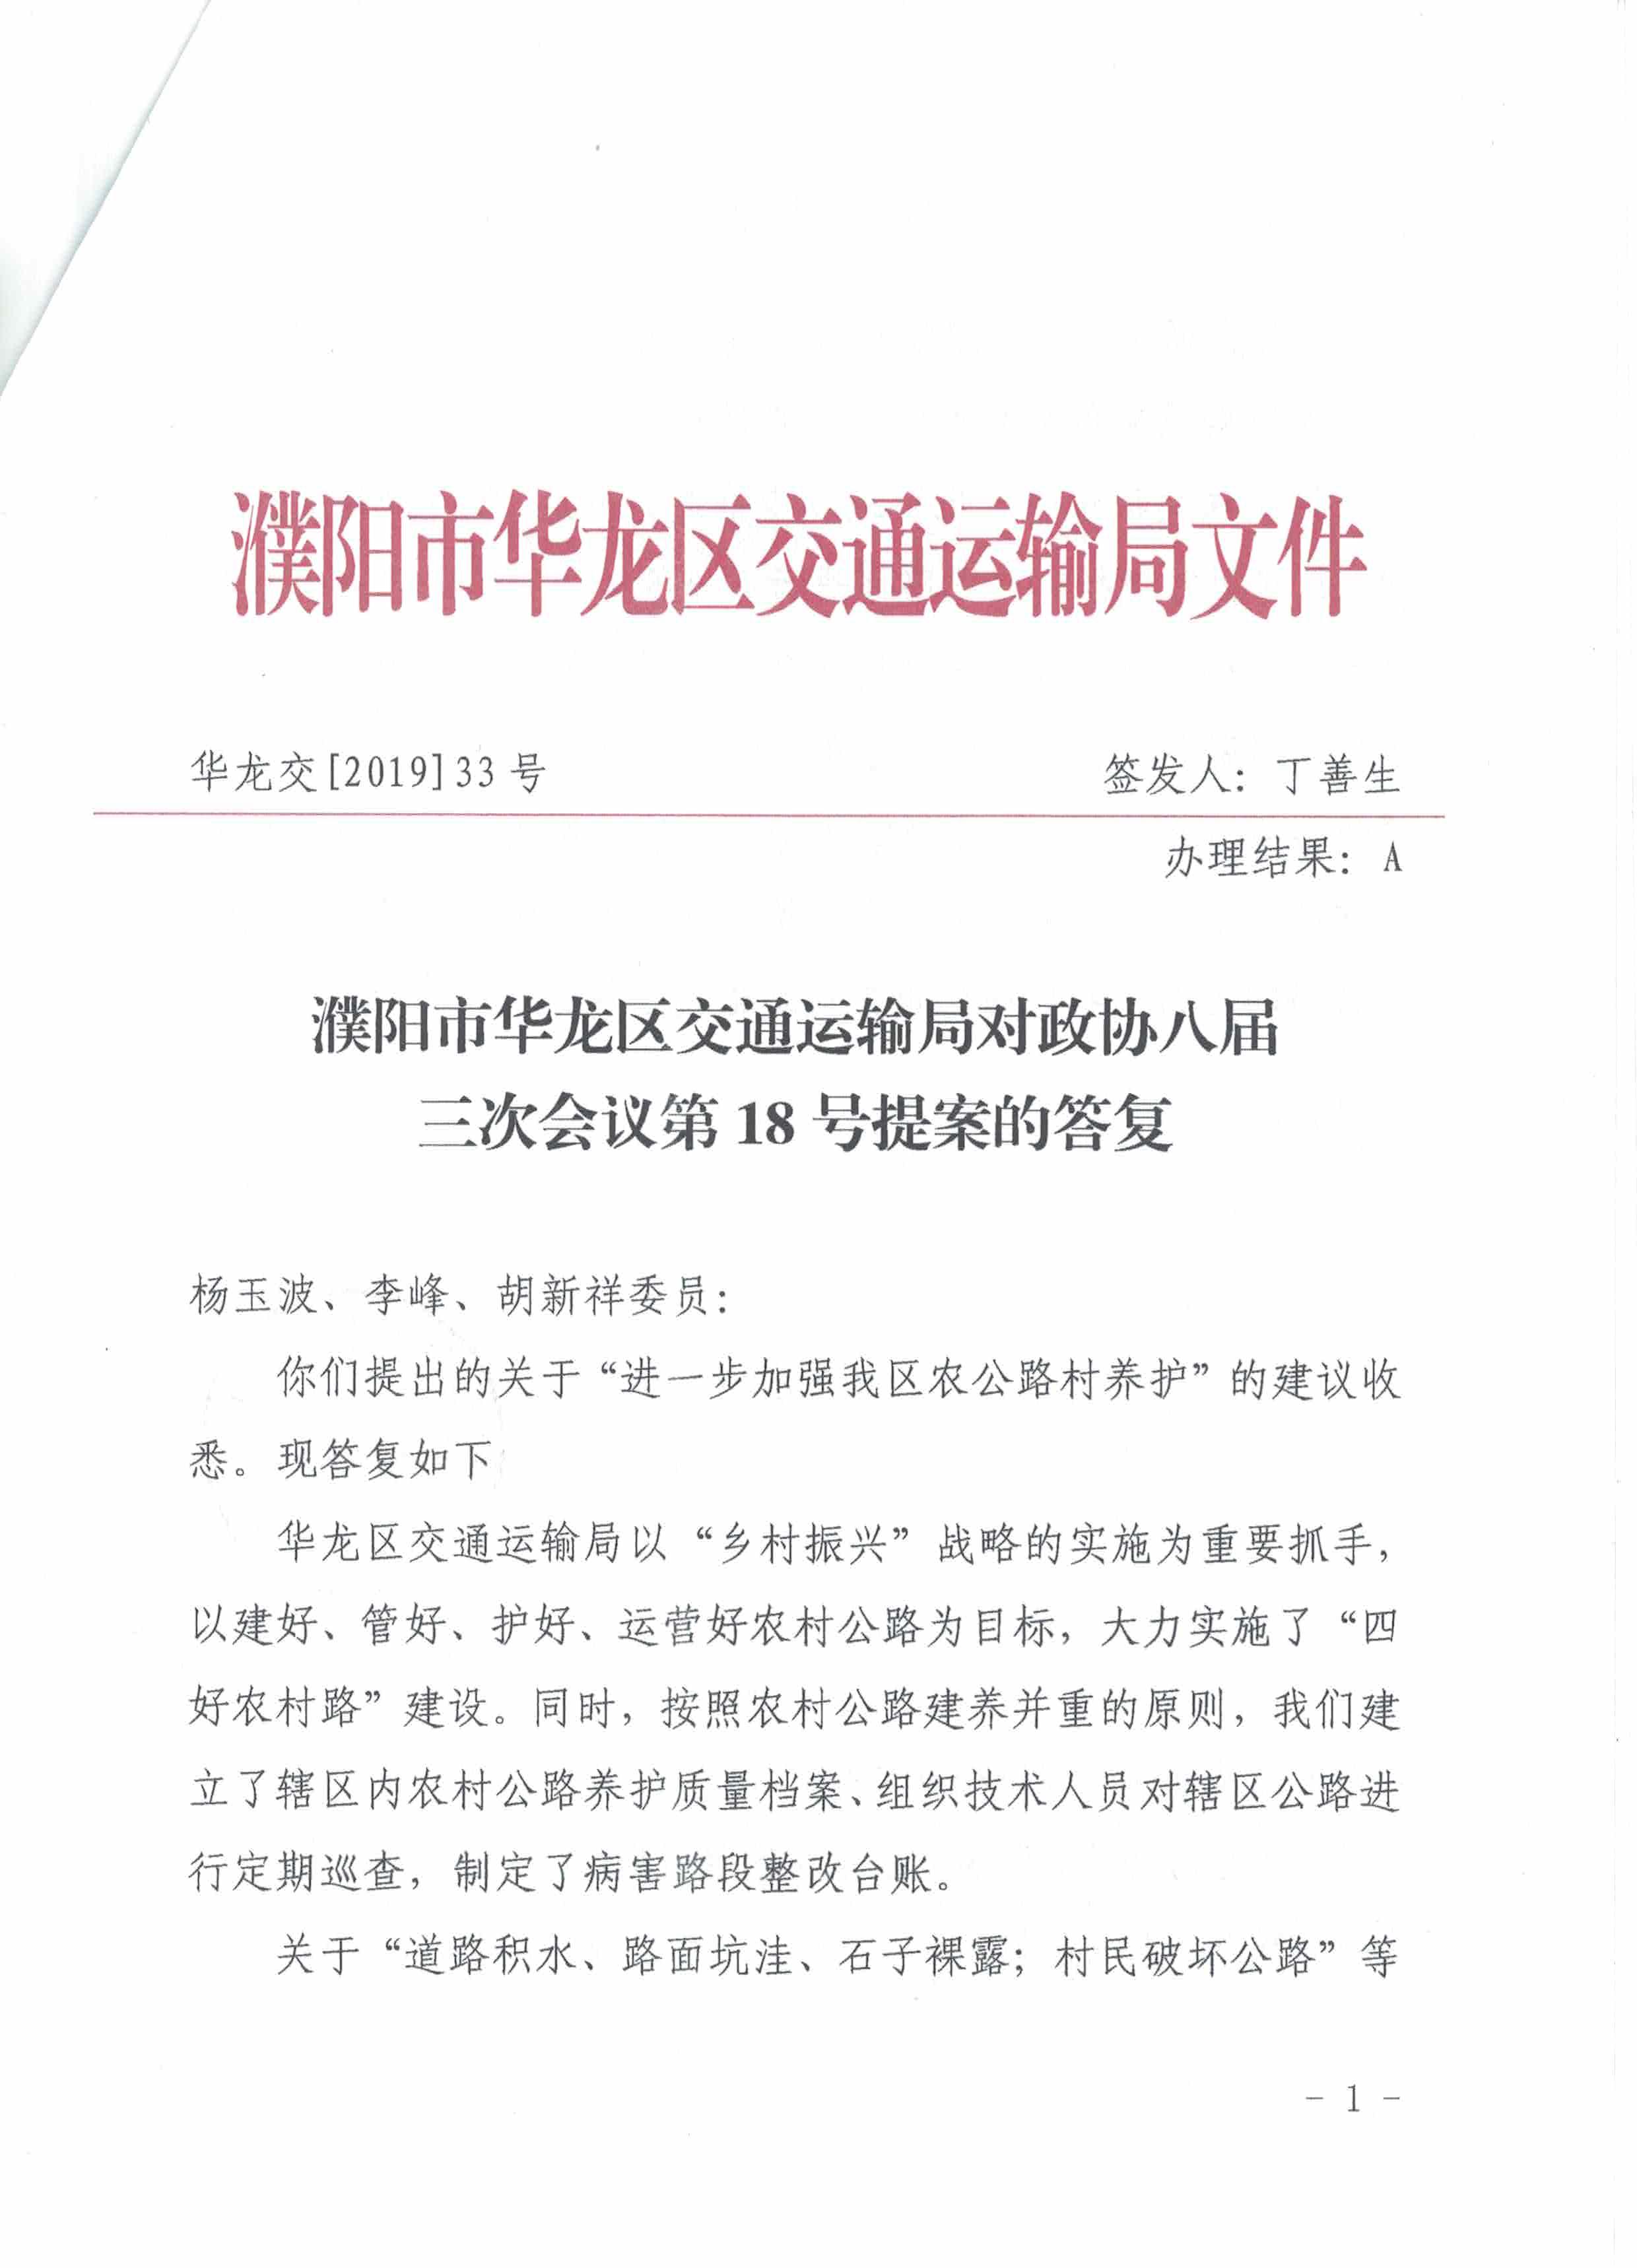 濮阳市亚洲城手机版交通运输局对政协八届三次会议的第18号提案的答复